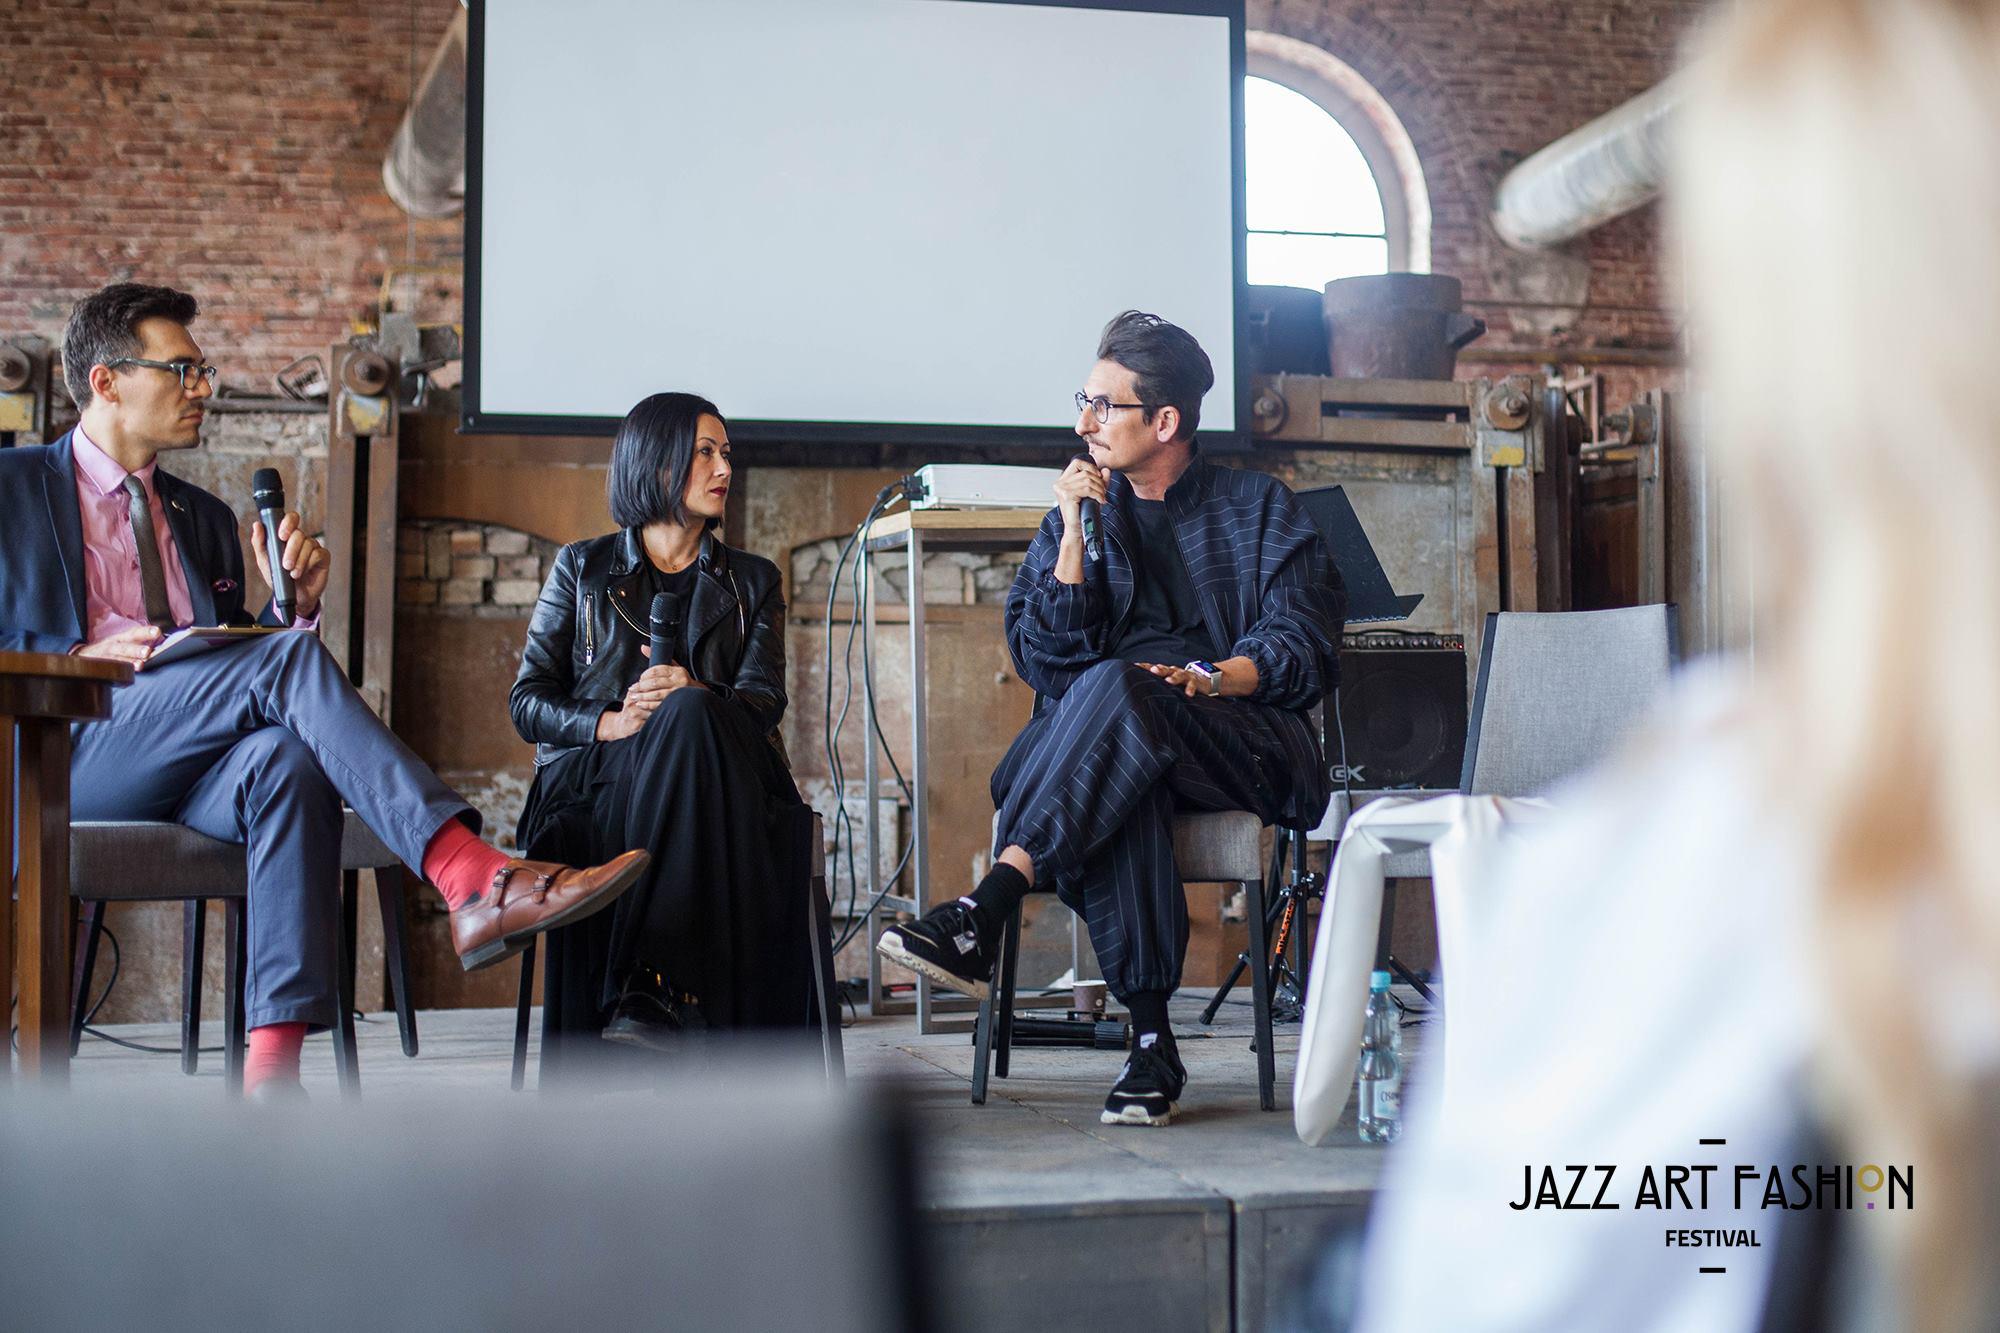 Trzy oosby siedzące na scenie podczas panelu dyskusyjnego